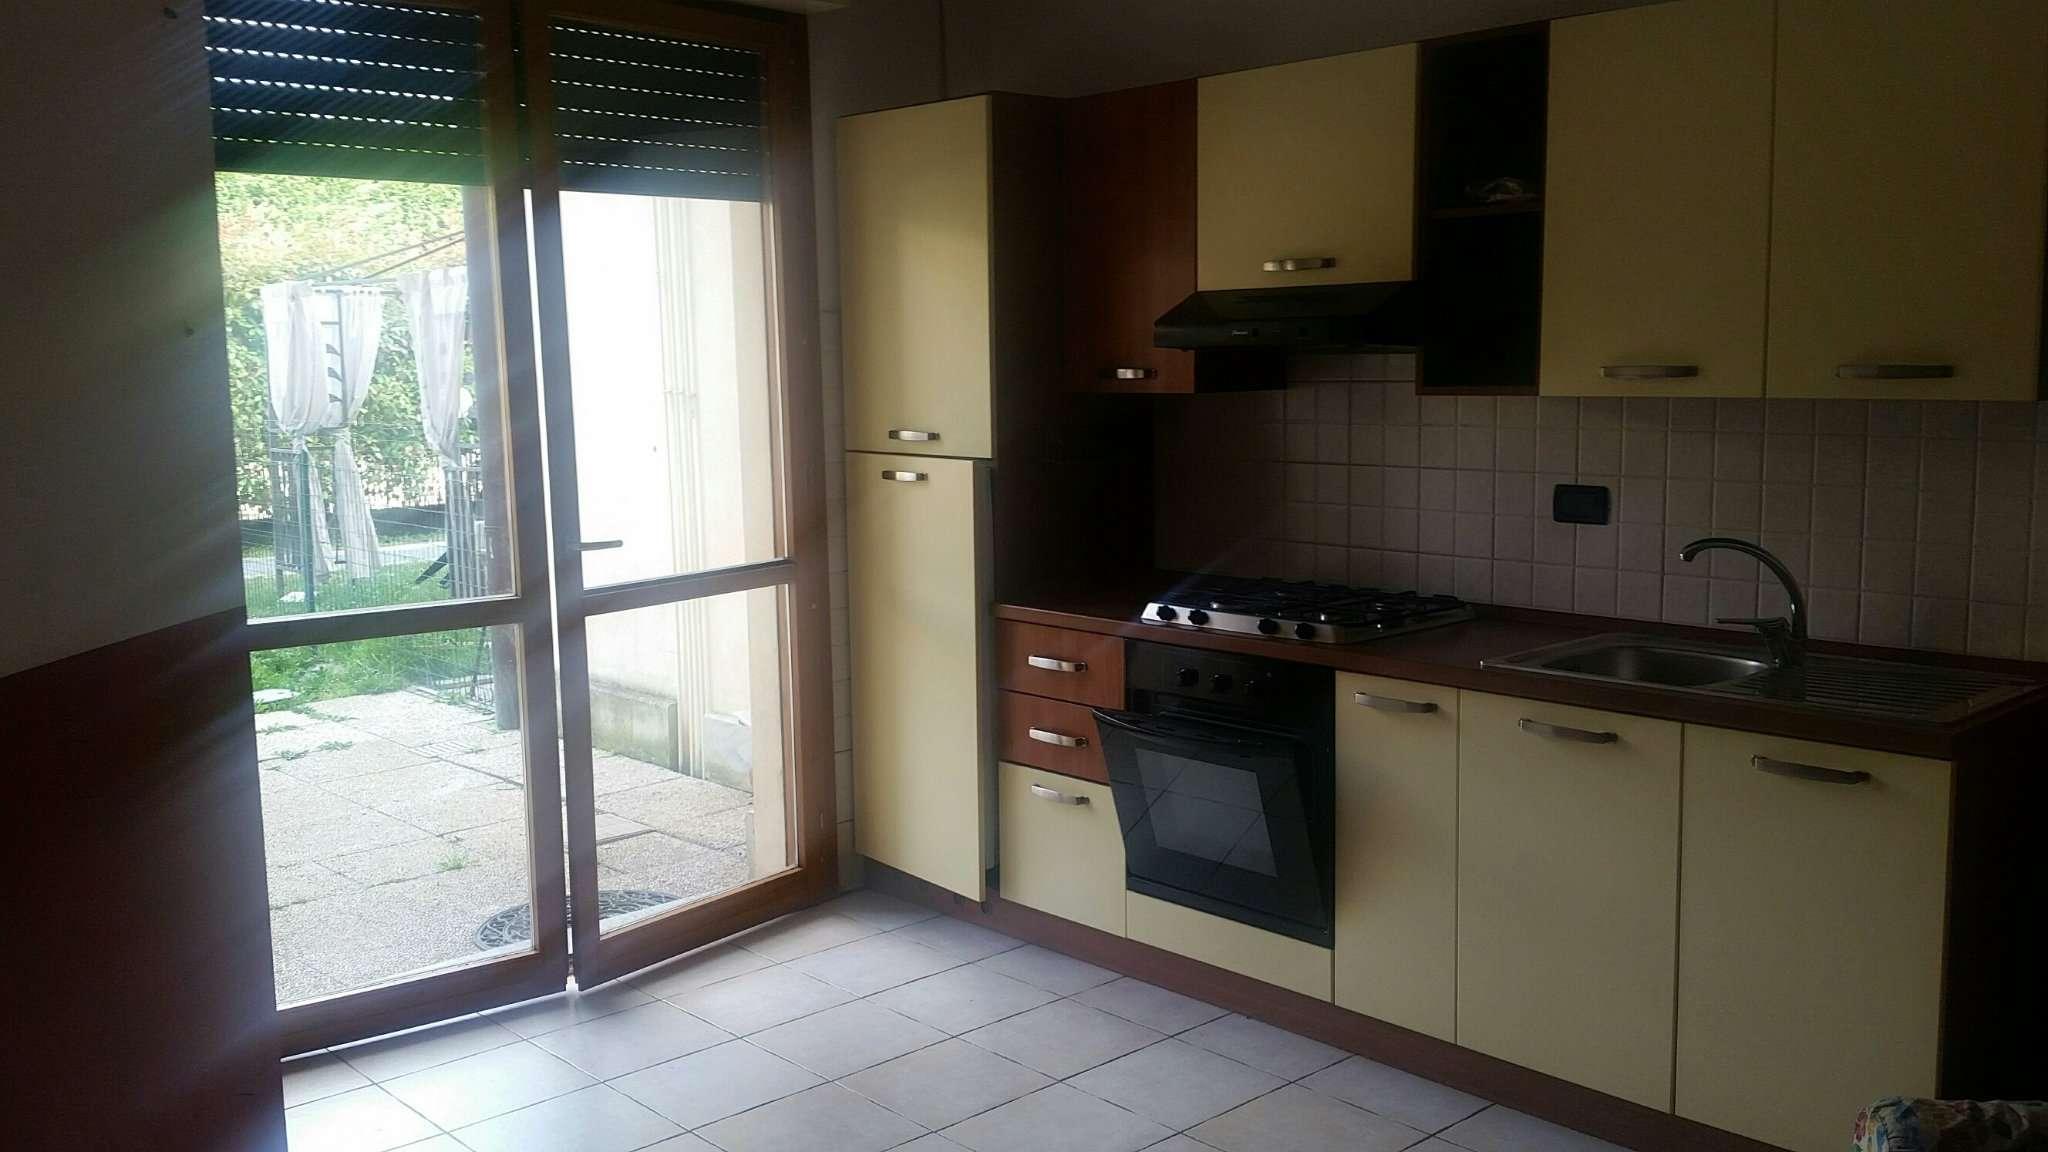 Appartamento in vendita a Dairago, 2 locali, prezzo € 82.000   Cambio Casa.it